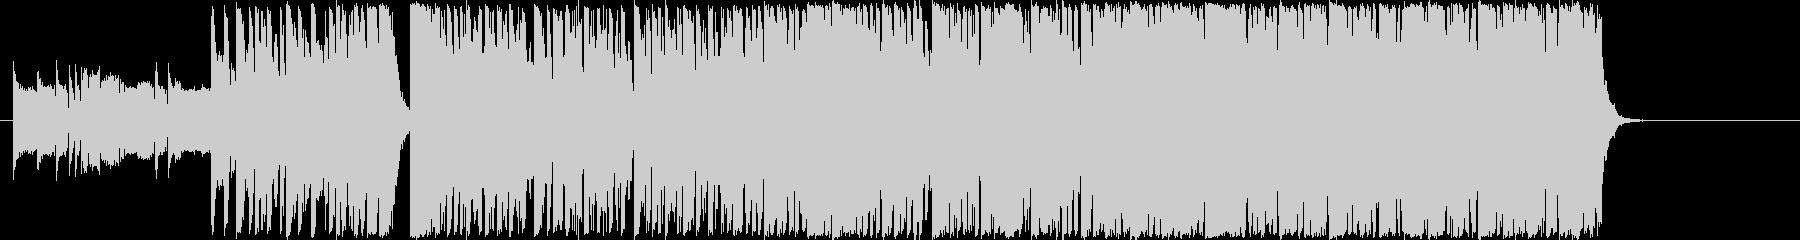 アグレッシブなミッションドラムベースのみの未再生の波形